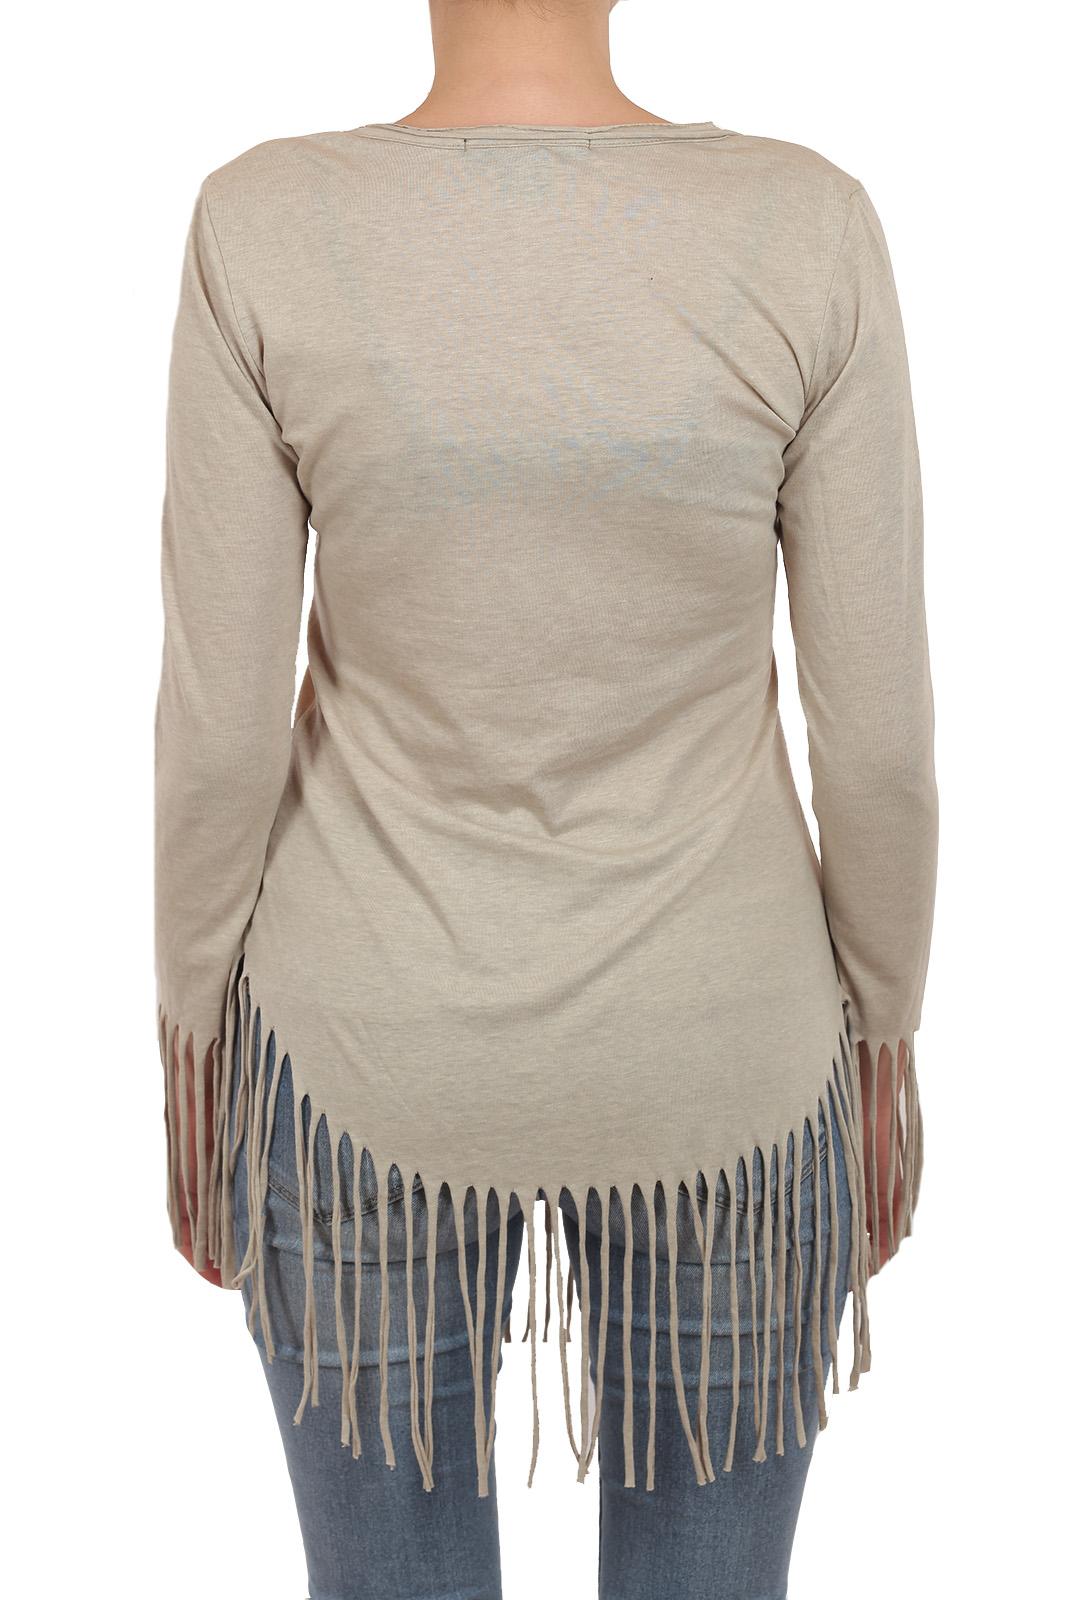 Свободный стиль ХИППИ! Только у нас дизайнерская кофта туника цвета «НЮ» из лимитированной коллекции Rock and Roll Cowgirl